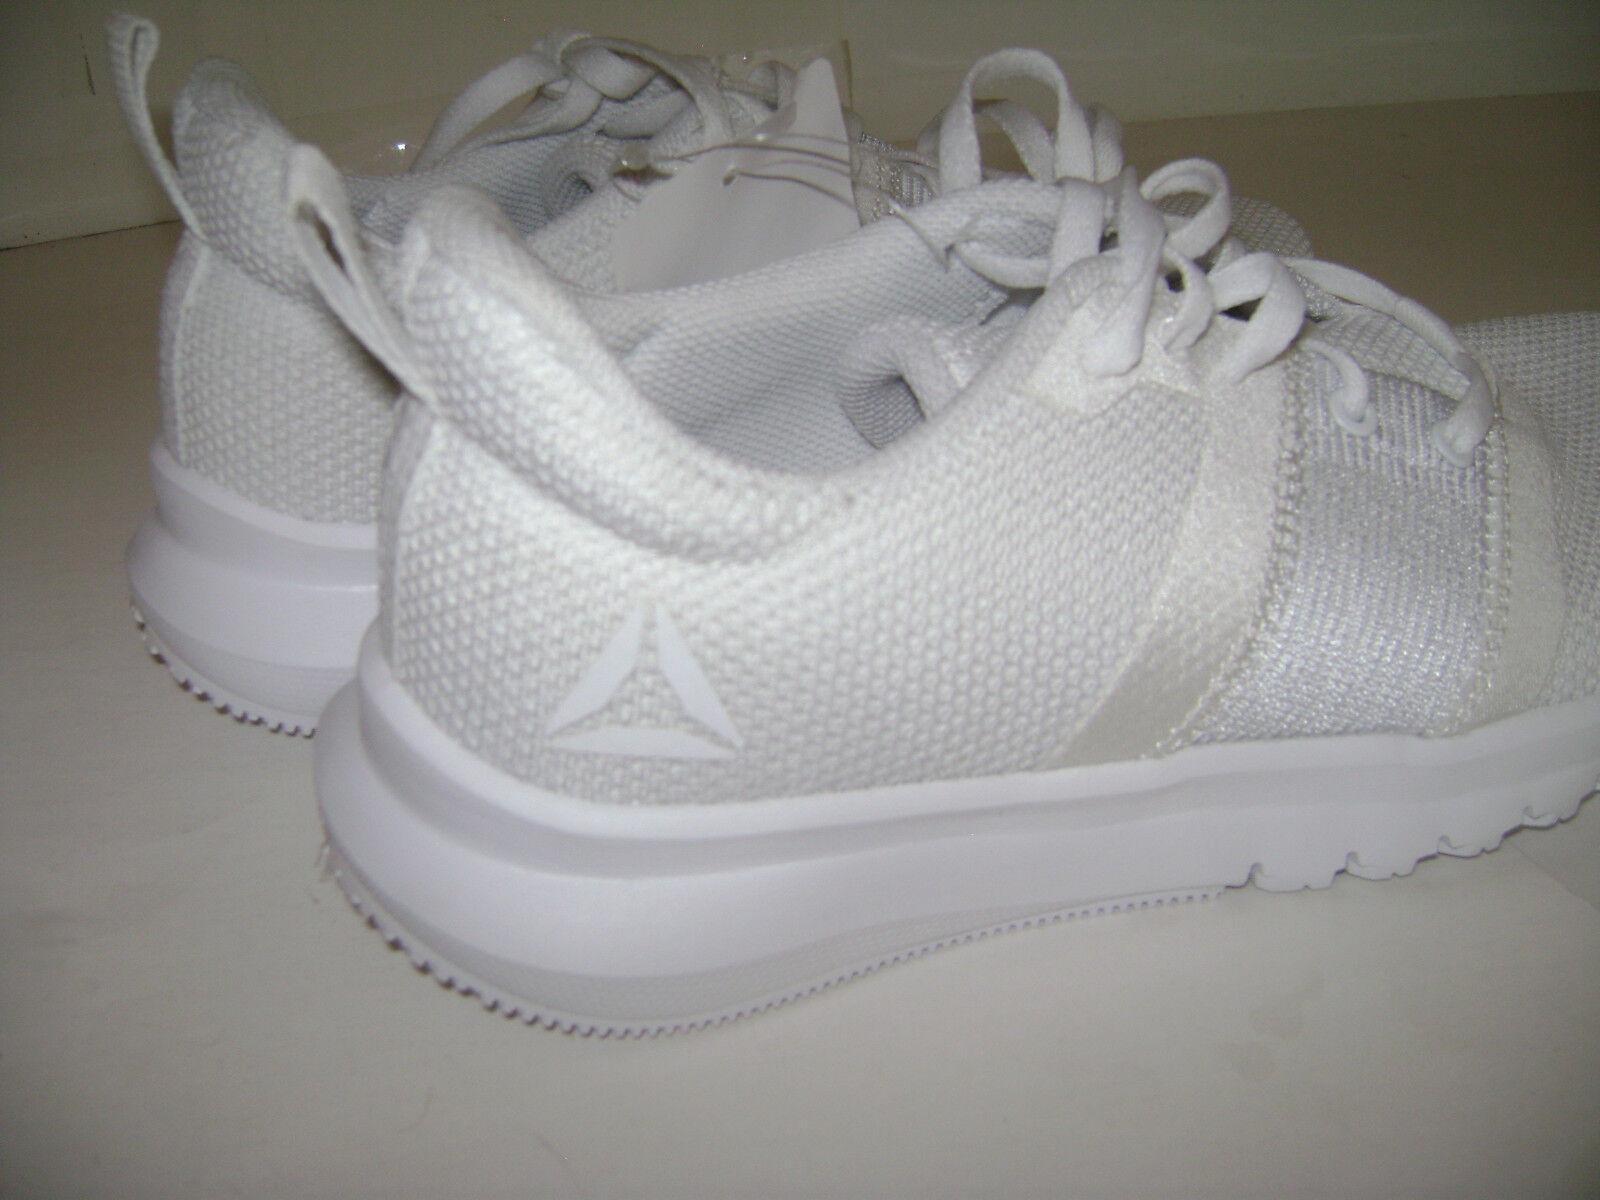 NIB REEBOK WOMEN SNEAKERS SHOES CN1089 RUNNING size 7.5 WHITE CN1089 SHOES 0f2395